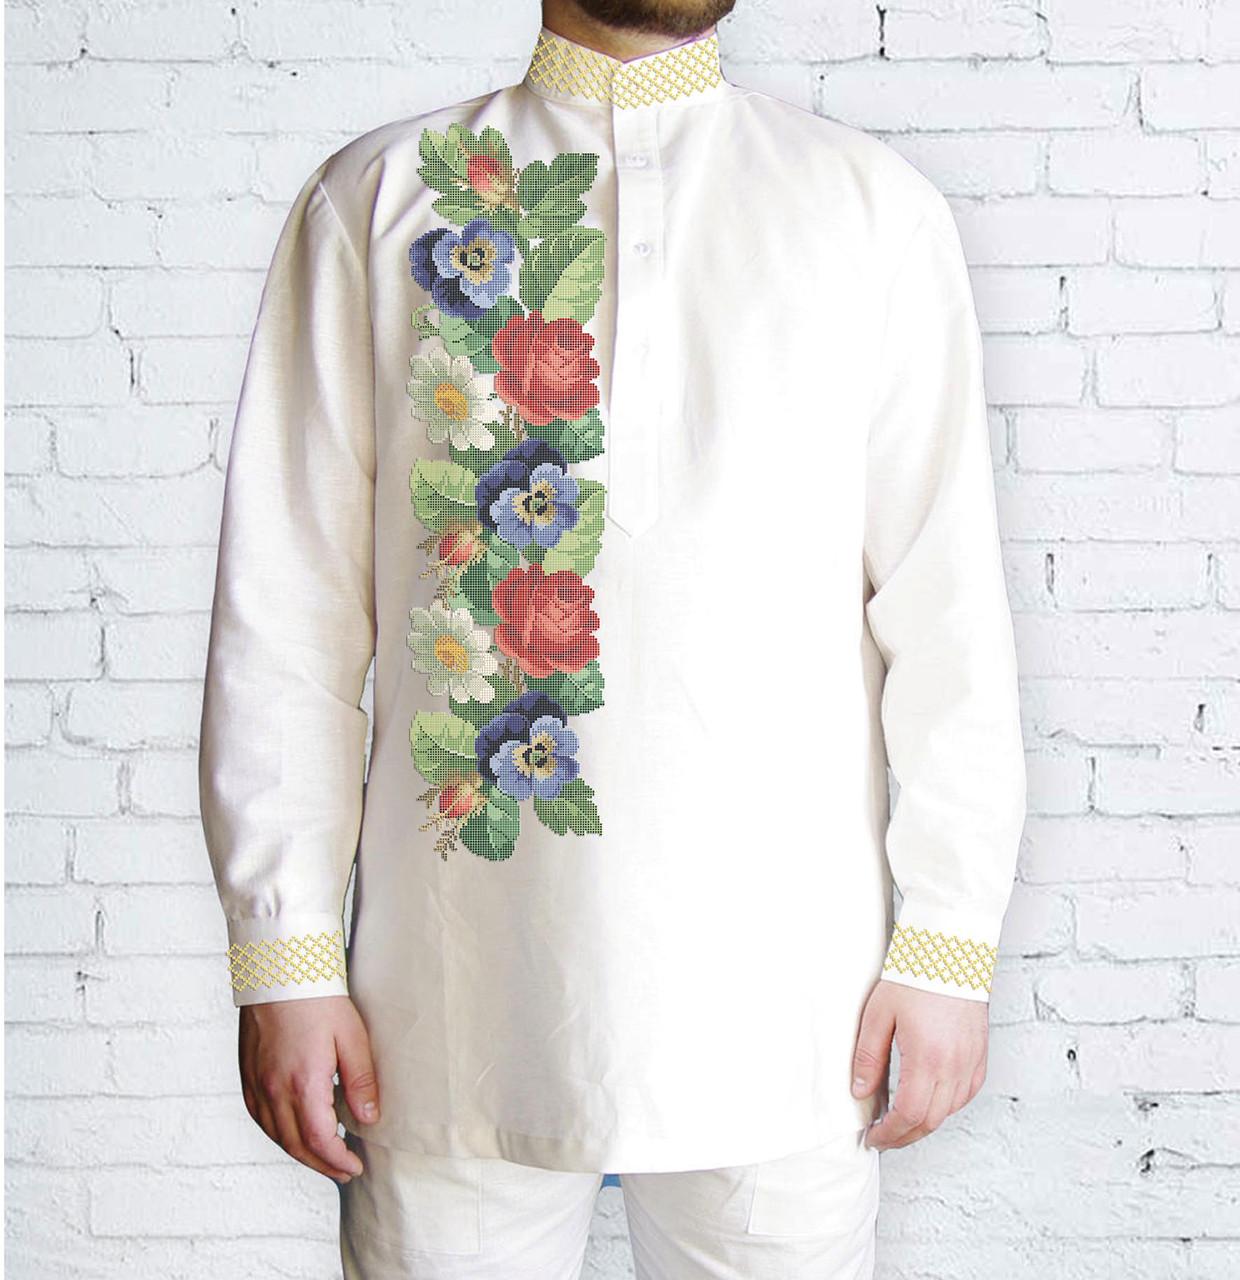 Заготовка чоловічої сорочки та вишиванки для вишивки чи вишивання бісером Бисерок «Аромат літа» (Ч-31)